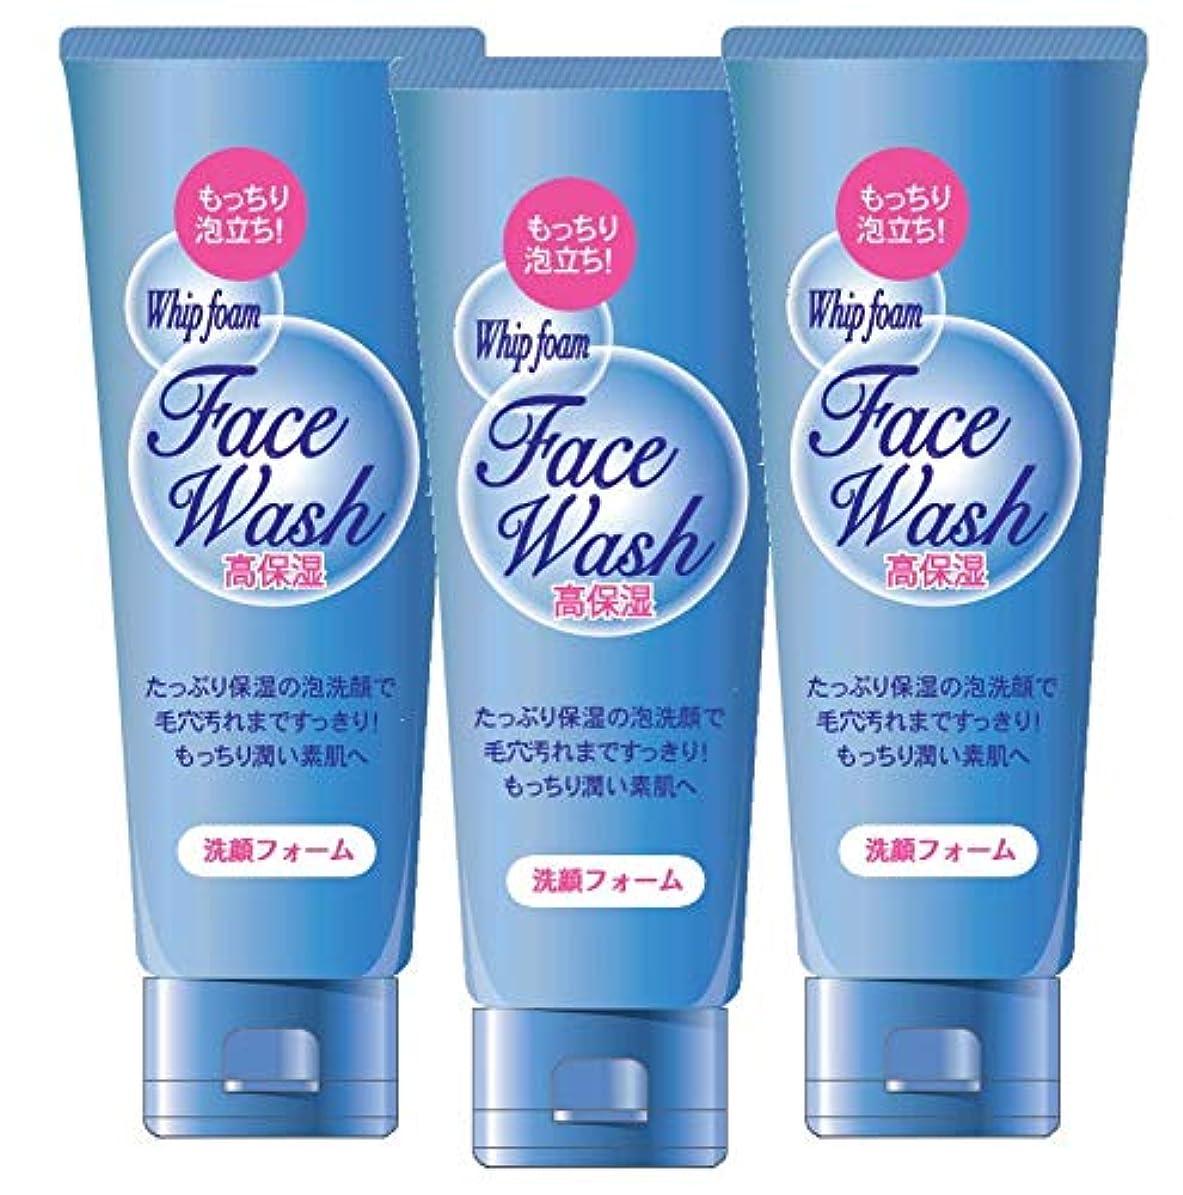 引数おめでとう確かめるたっぷり泡洗顔フォーム150g (150g*3本)